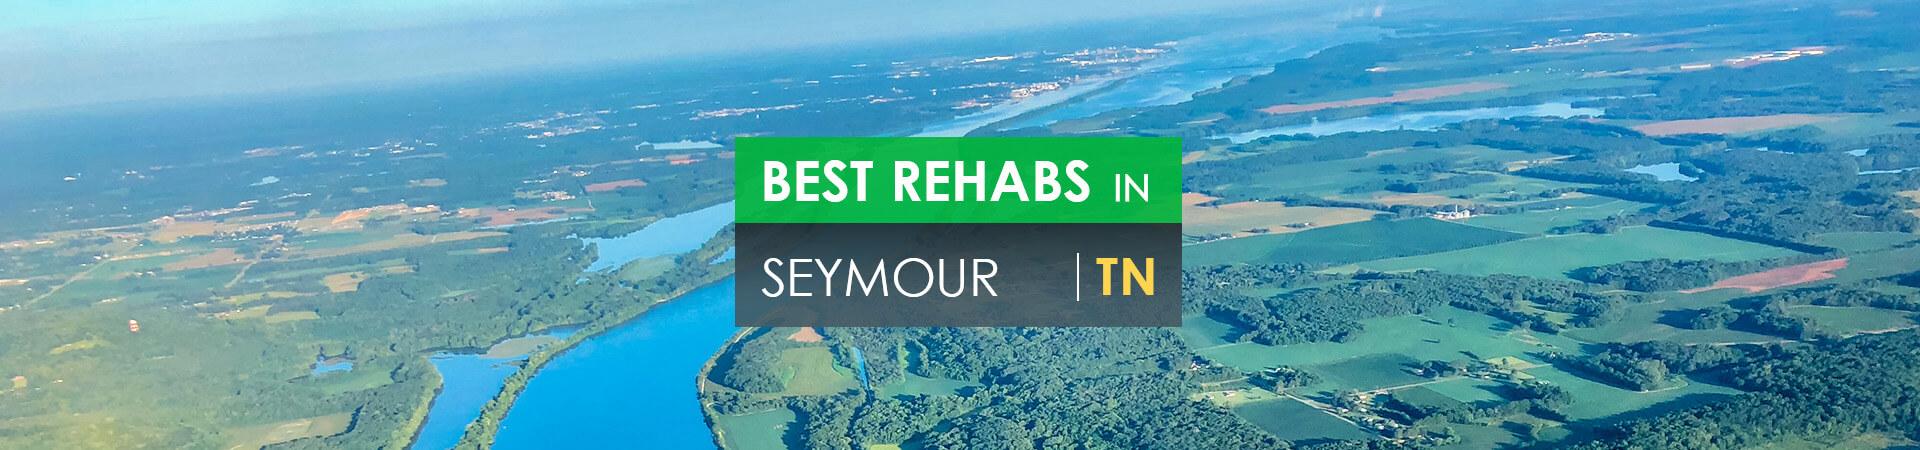 Best rehabs in Seymour, TN